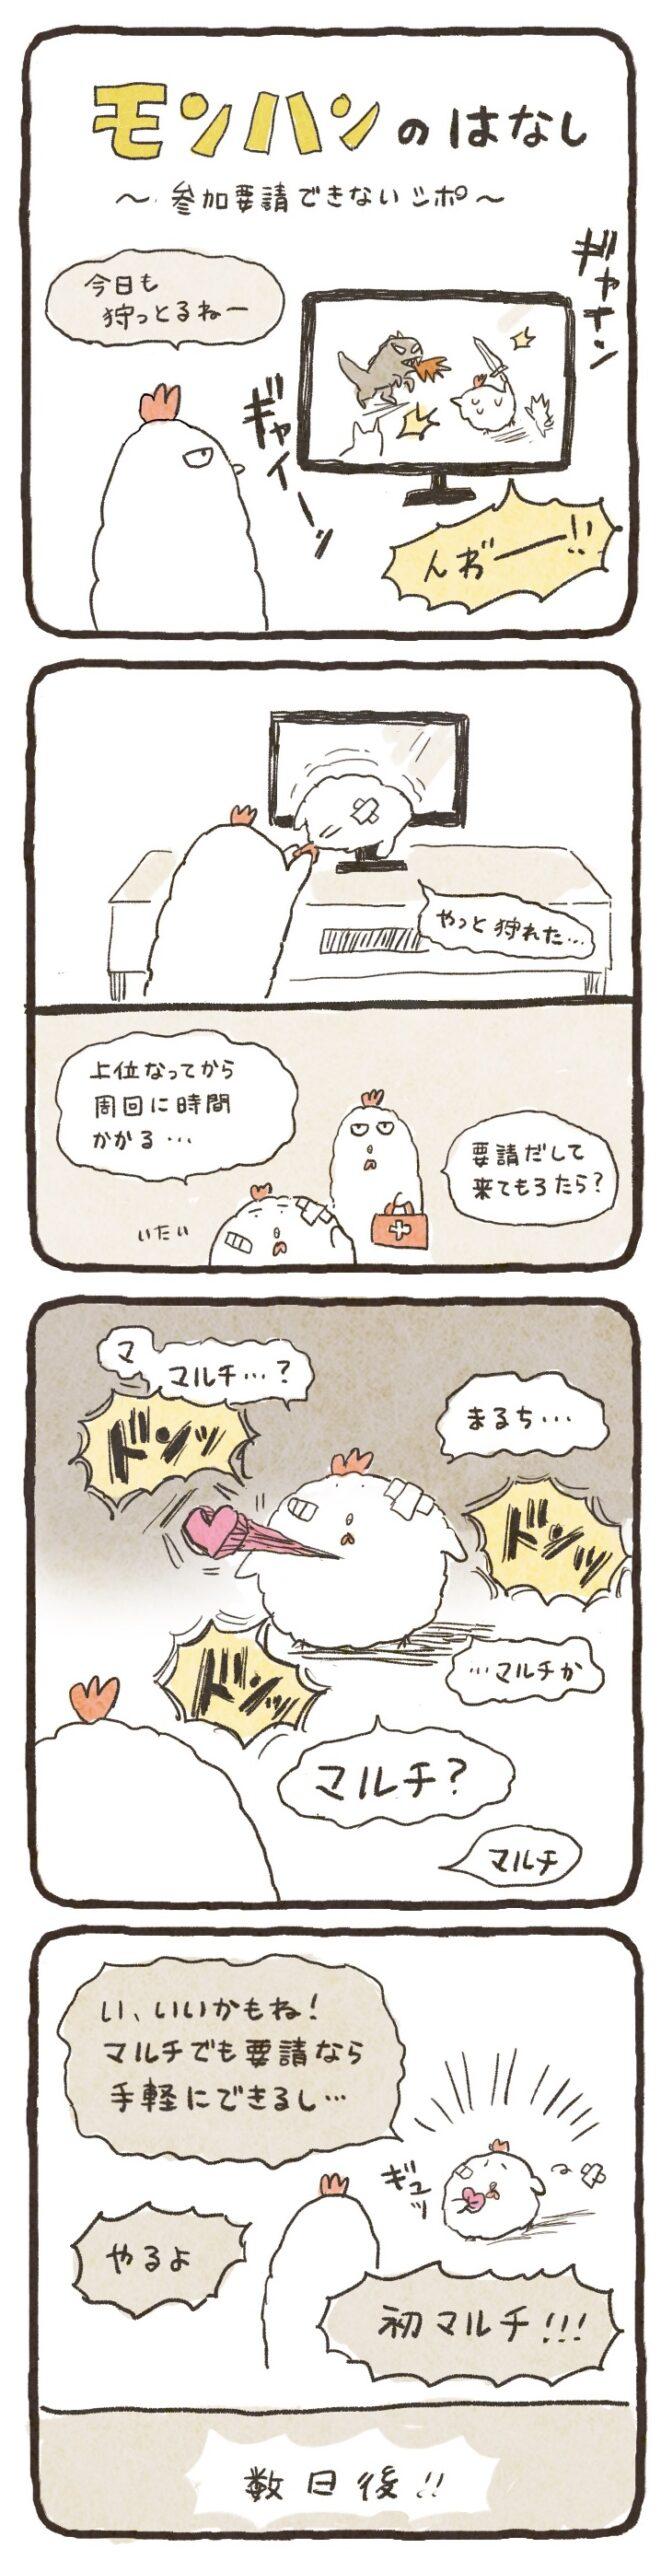 日常漫画_20210721_1